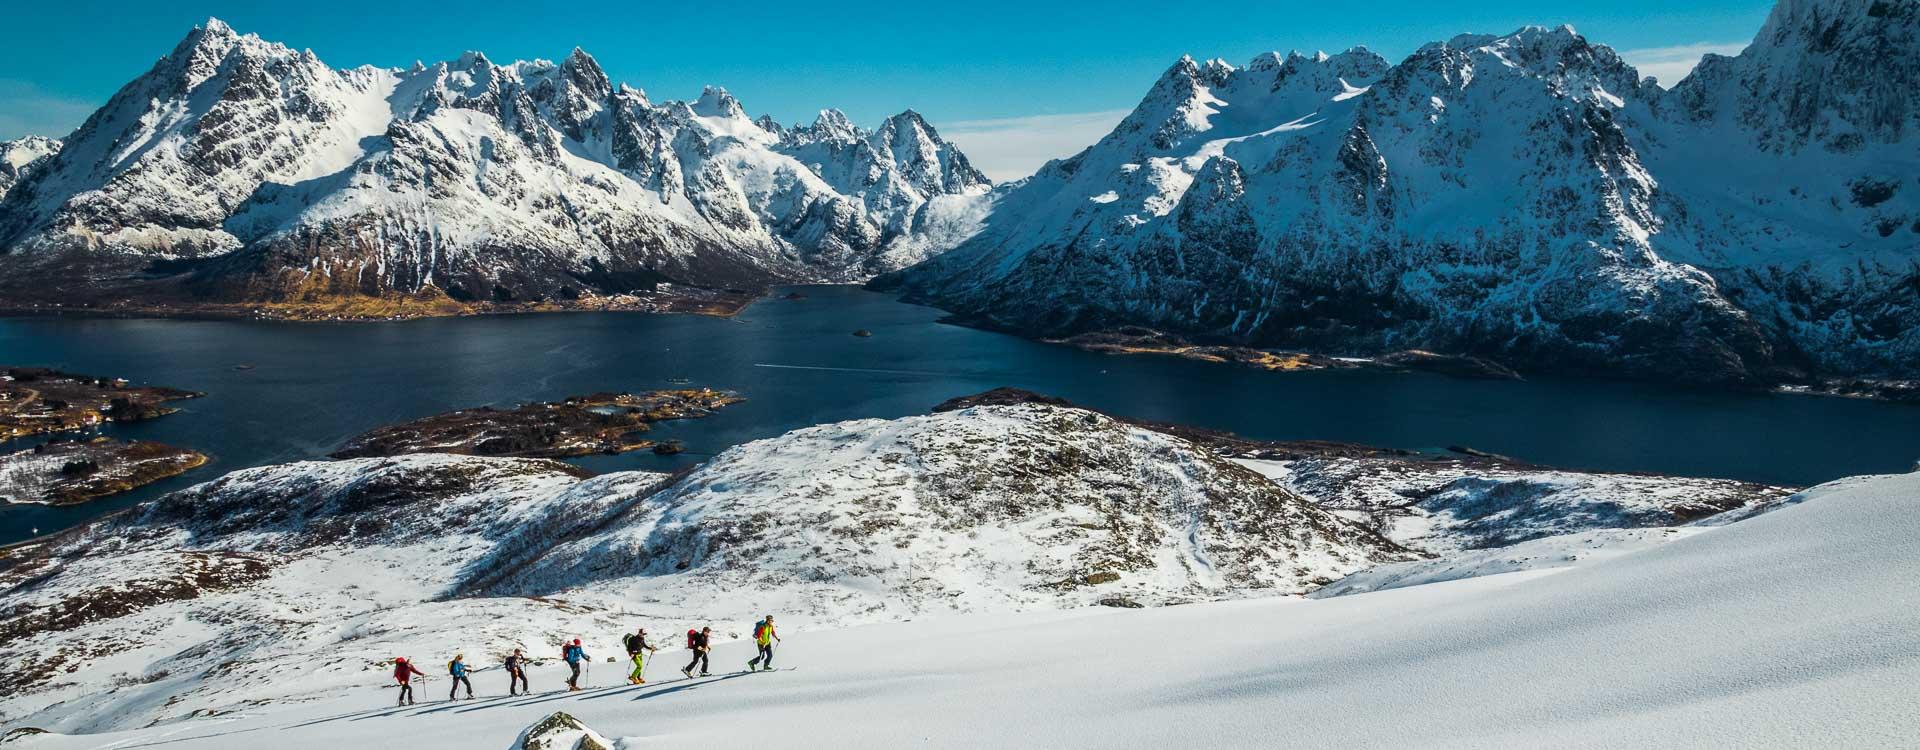 Skitourenreise auf die Lofoten